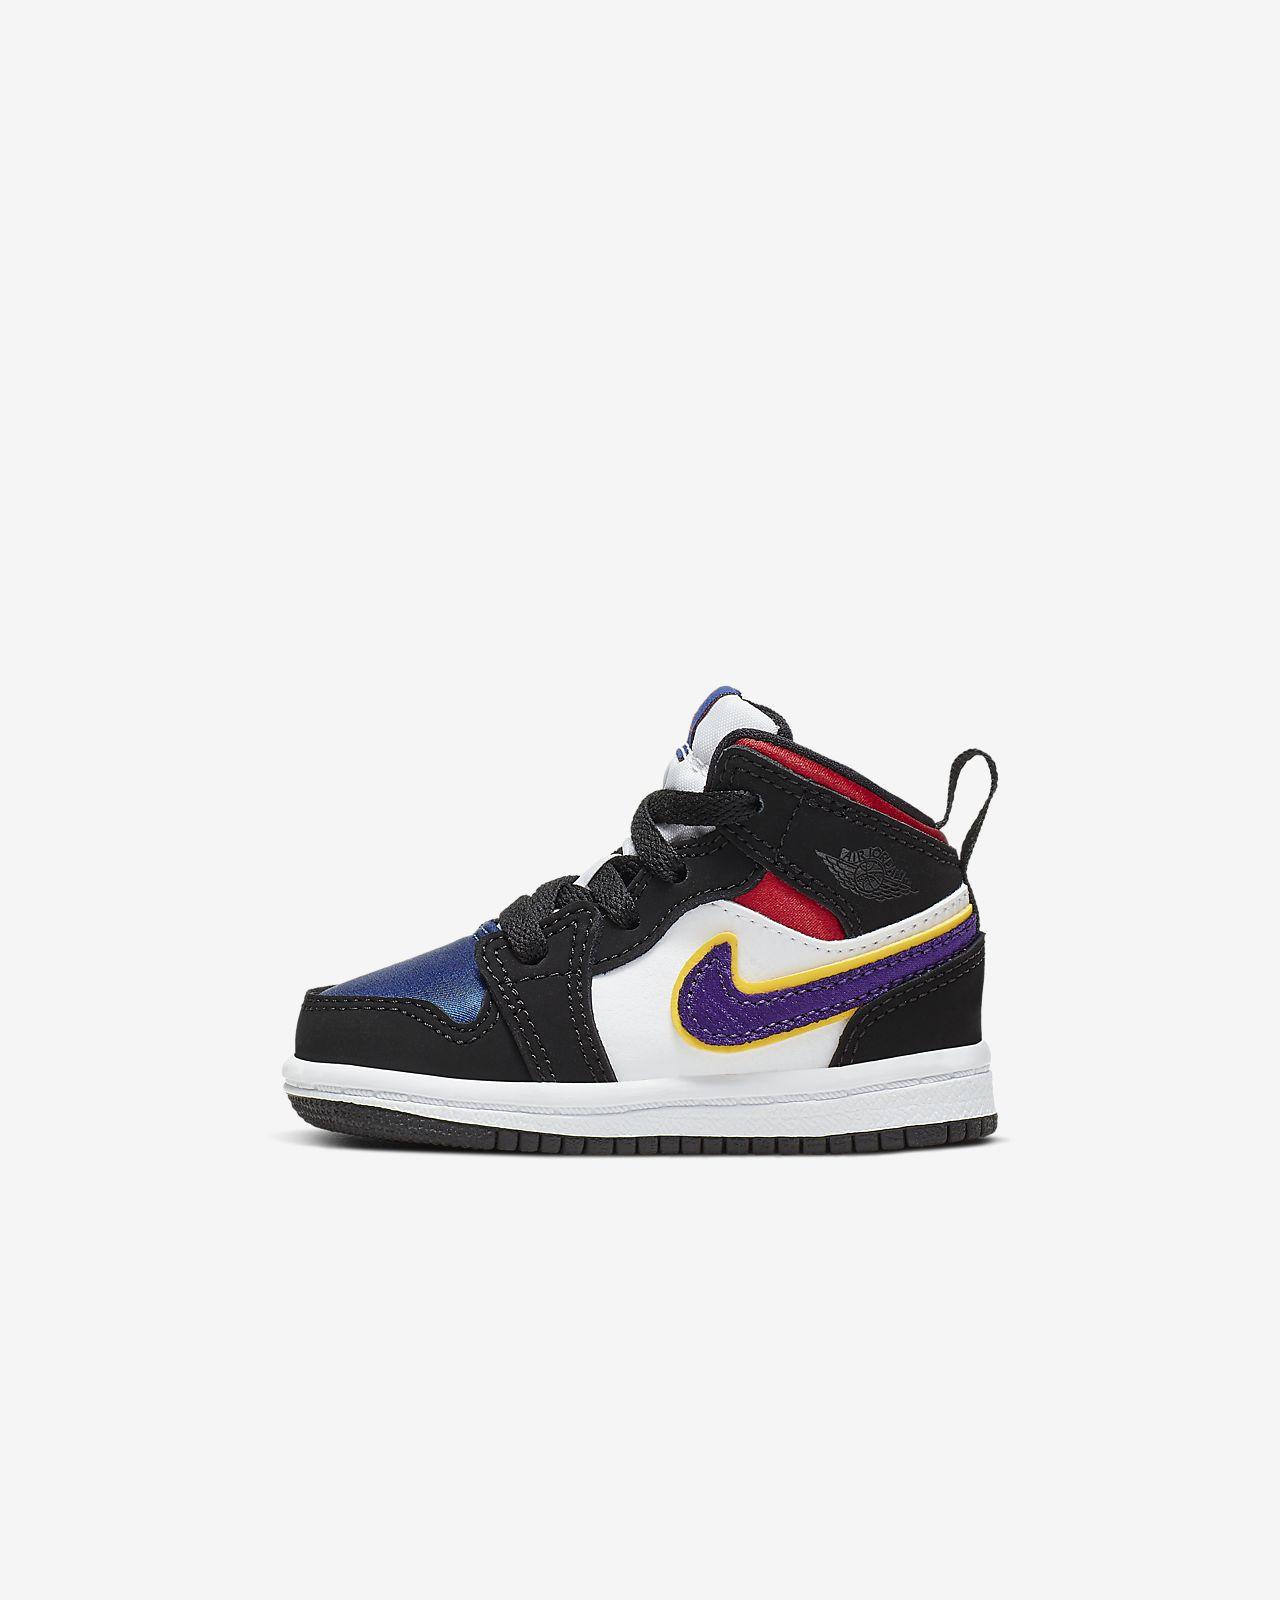 Jordan 1 Mid SE Baby/Toddler Shoe